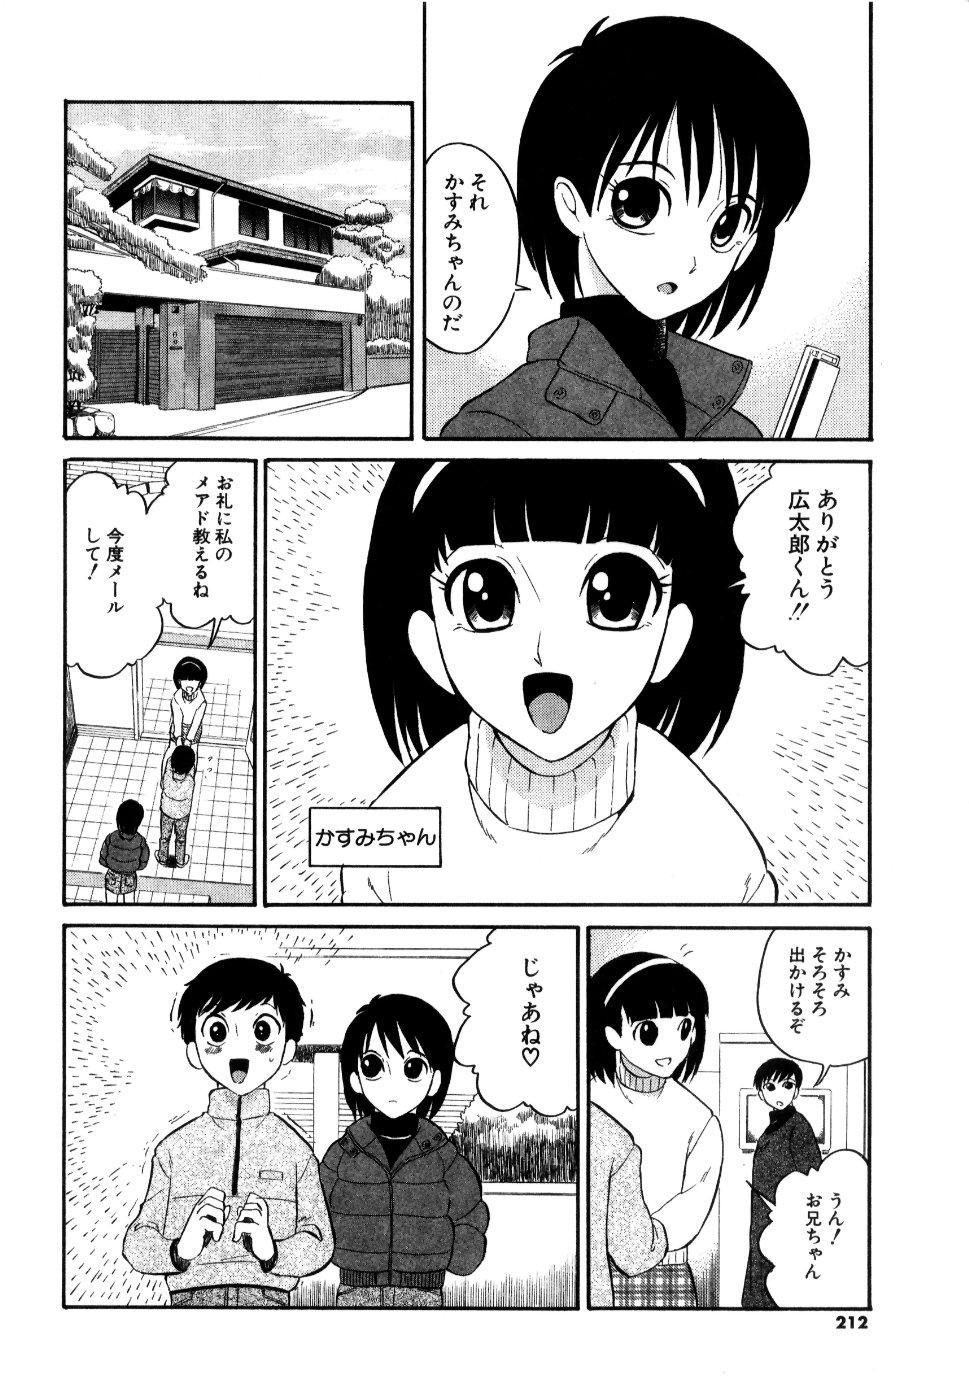 [Dozamura] Doguu -Dozamura Guuwa- Kuro 212